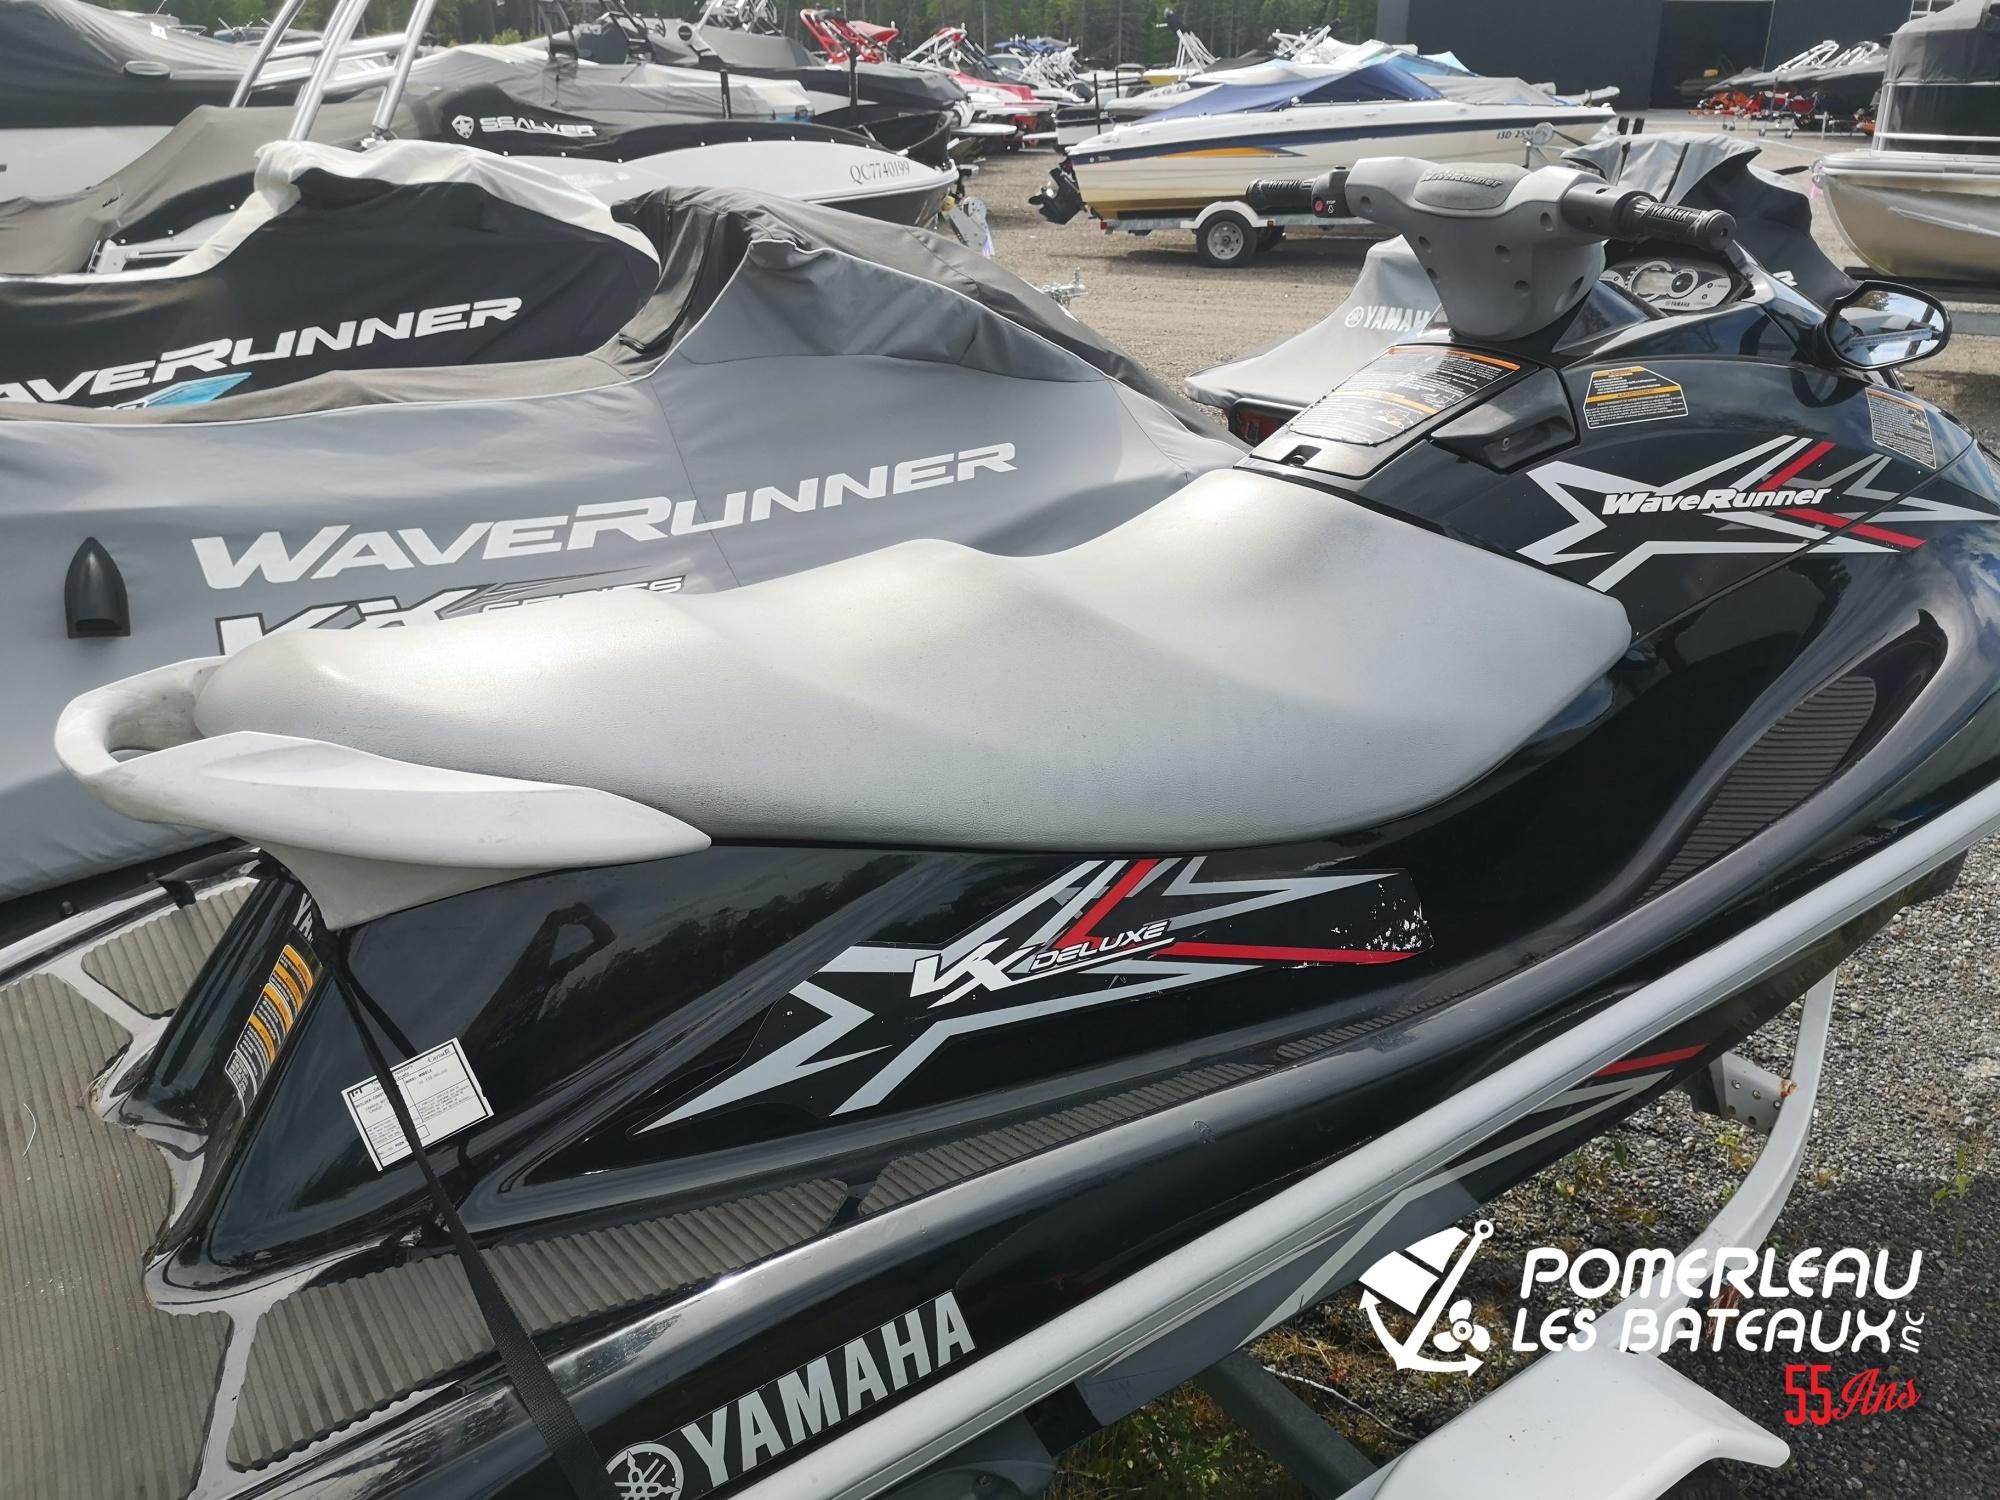 Yamaha vx deluxe - IMG_20210914_132703